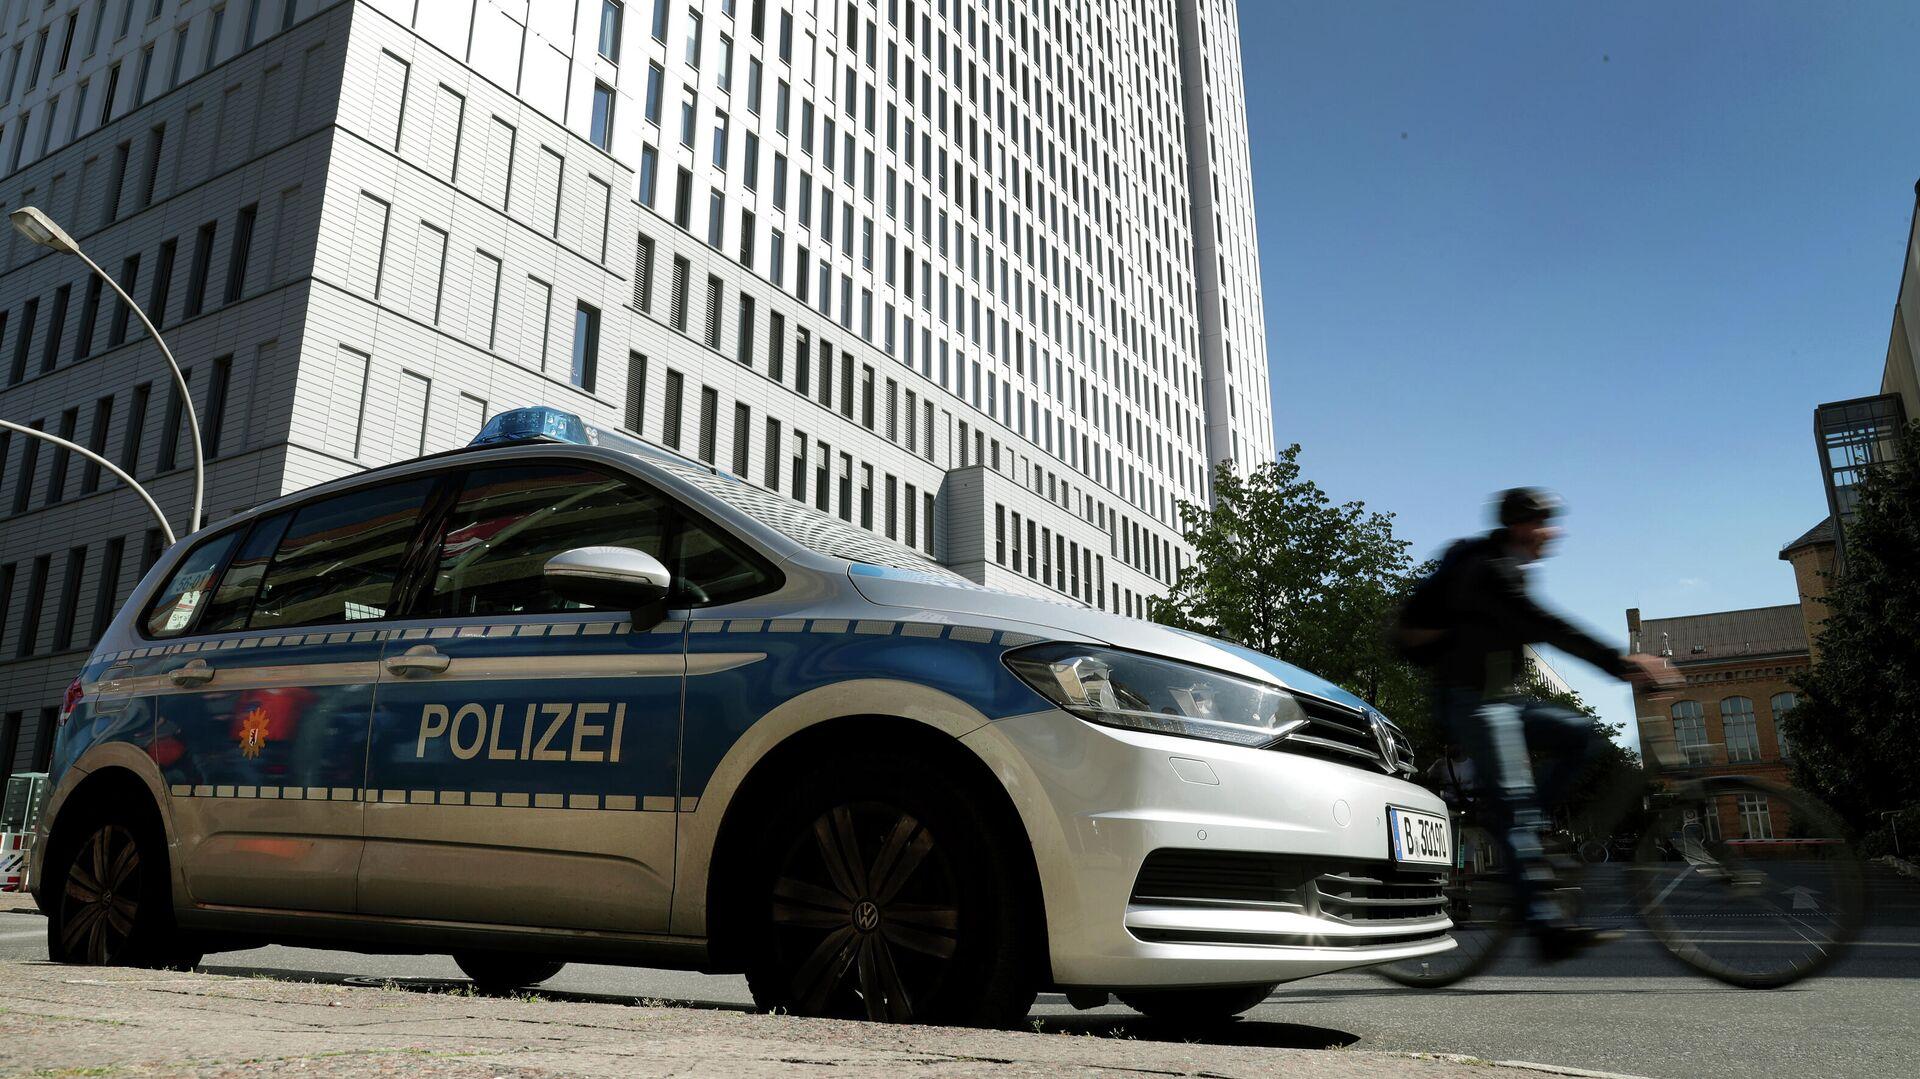 Автомобиль полиции на около больницы Charite в Берлине - РИА Новости, 1920, 09.09.2020